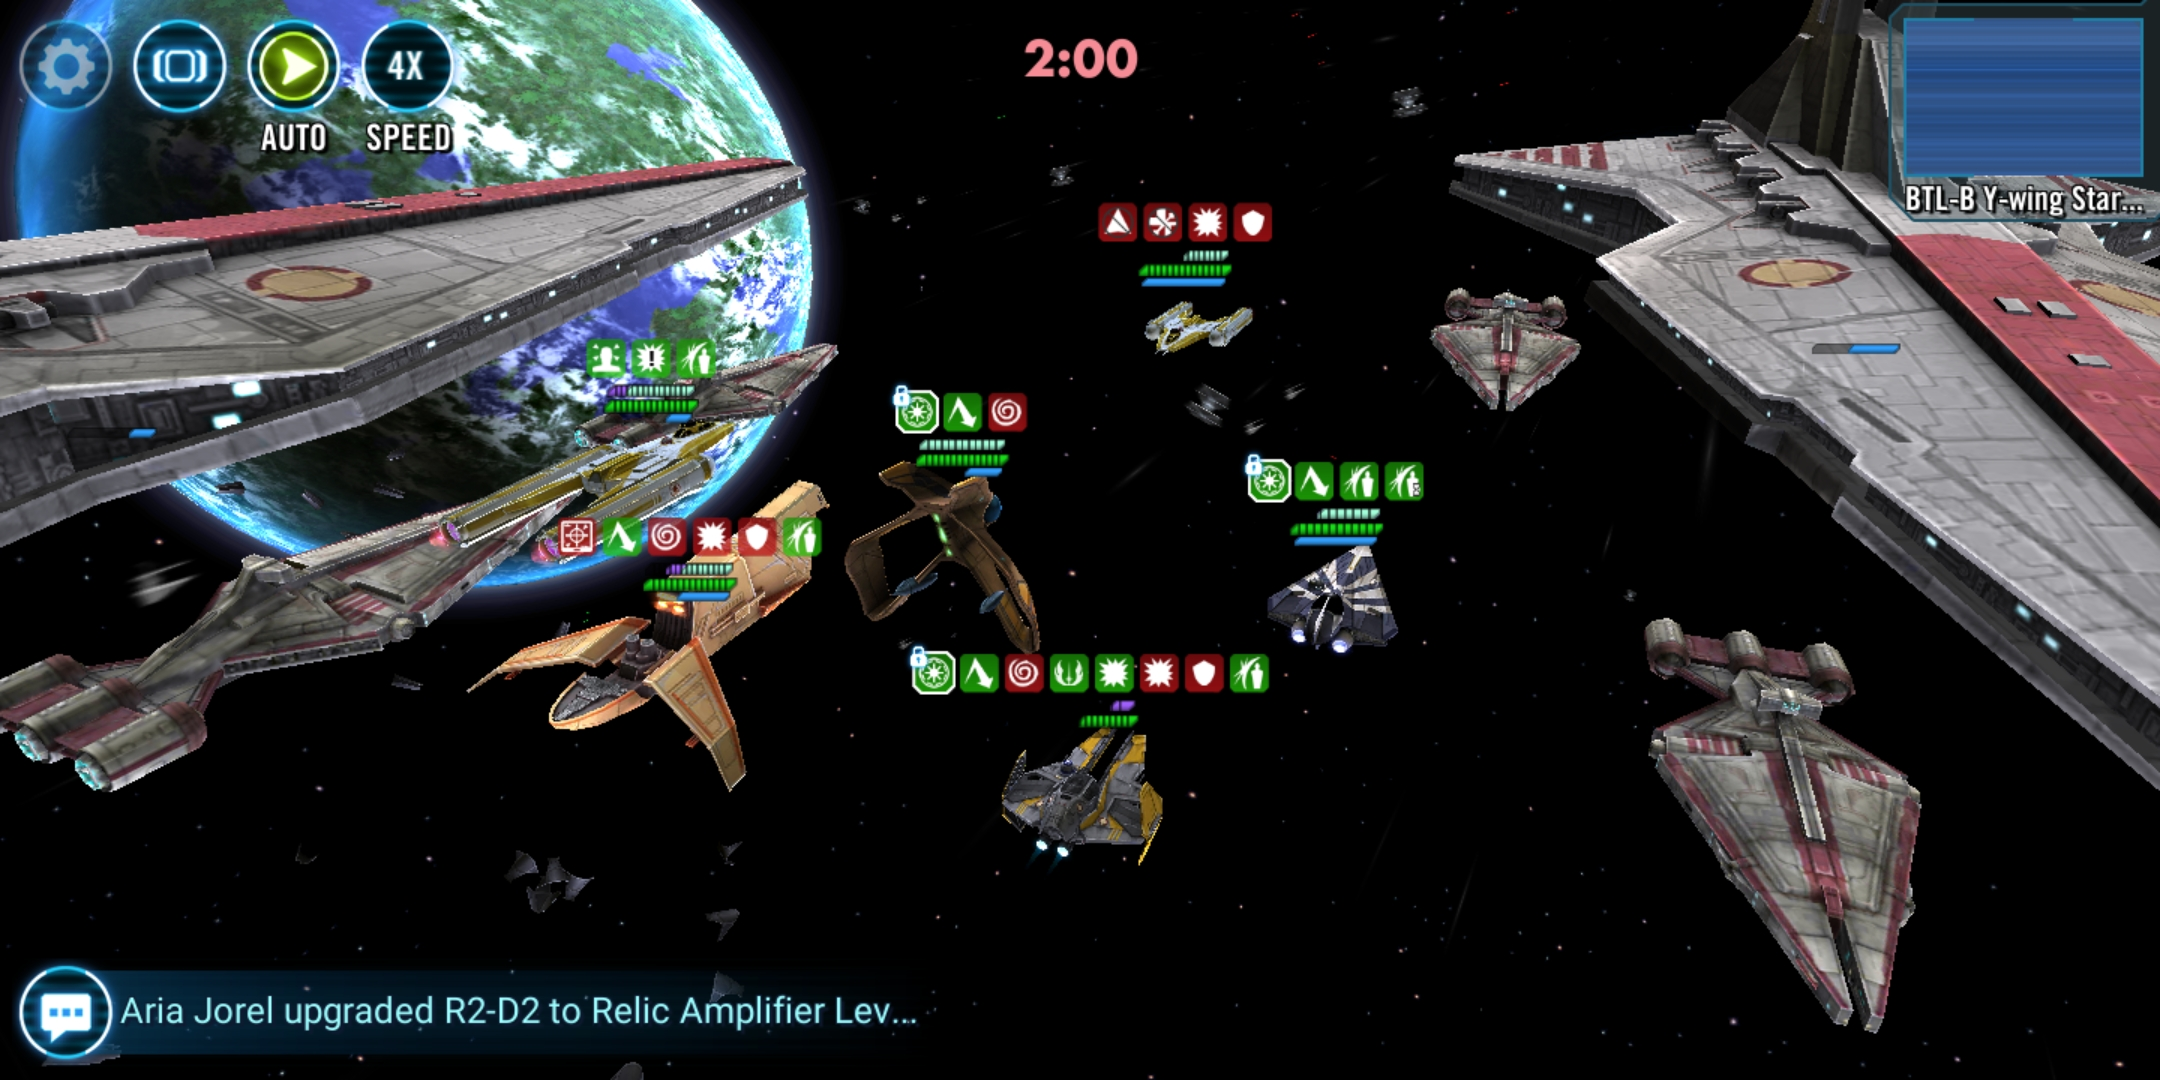 Screenshot_20201109_191211_com.ea.game.starwarscapital_row.jpg